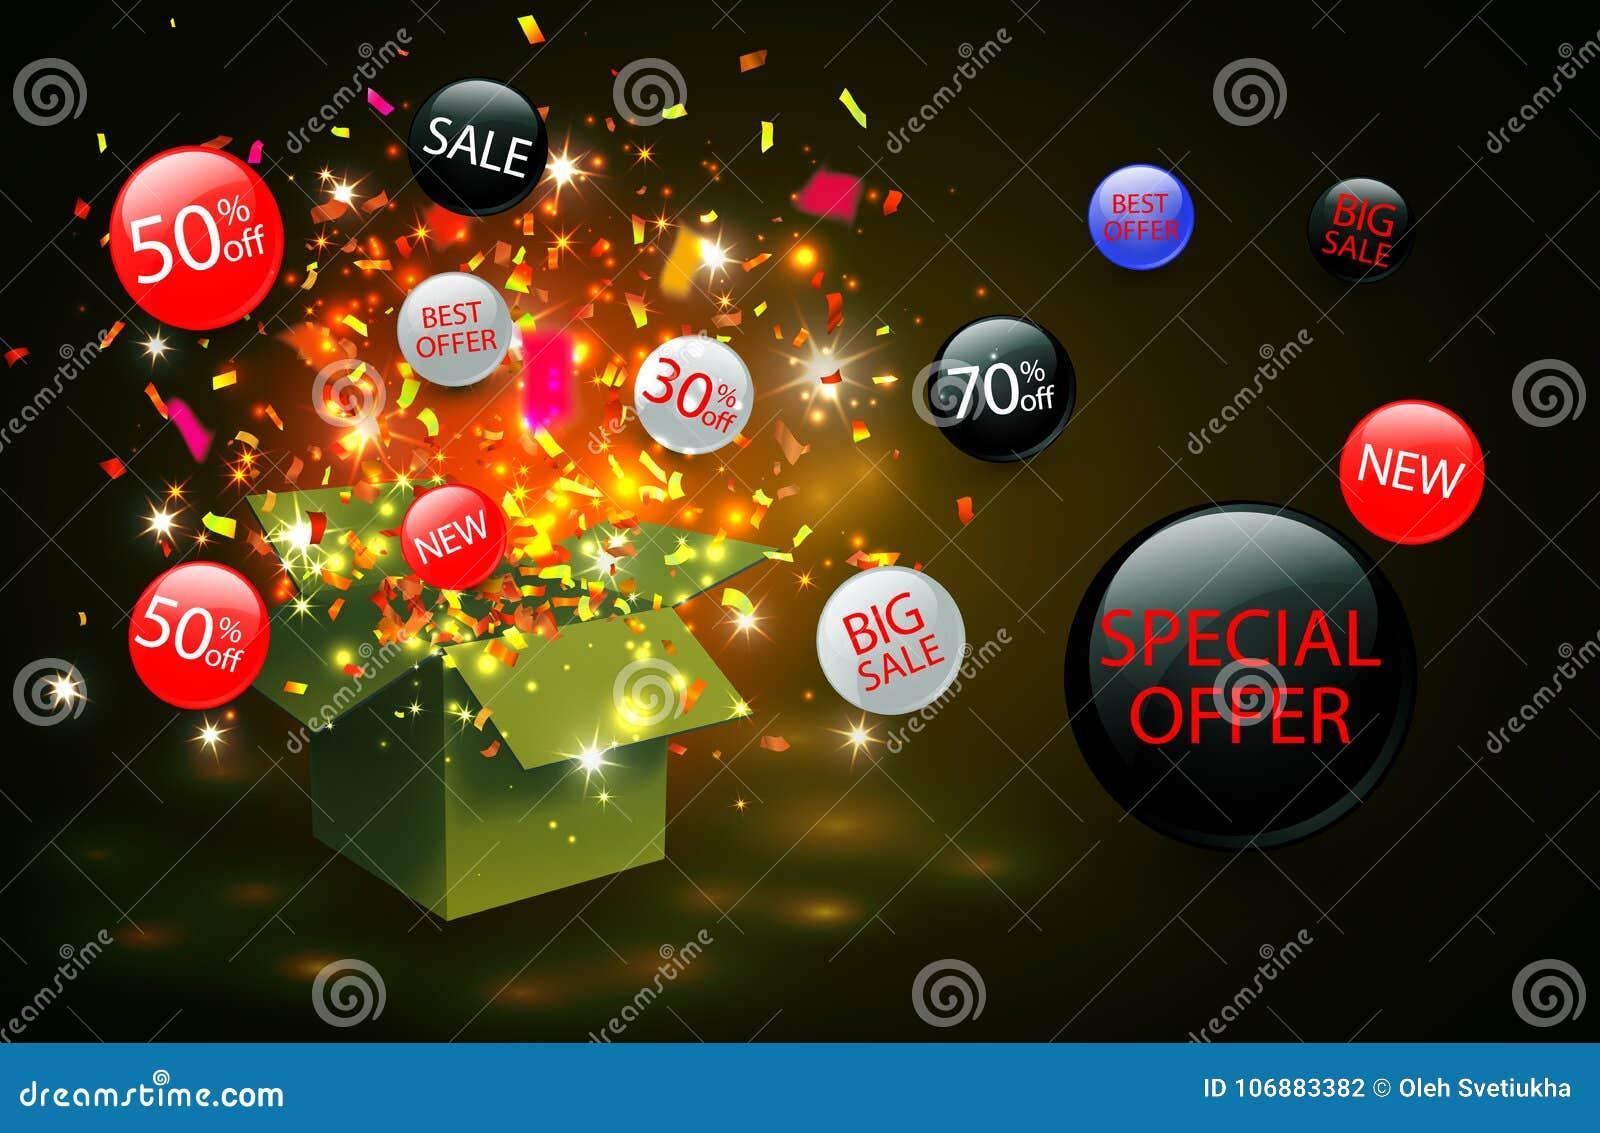 För försäljningsrabatt för specialt erbjudande symbol med öppna etiketter för gåvaask och flödes Enkelt att använda för din desig